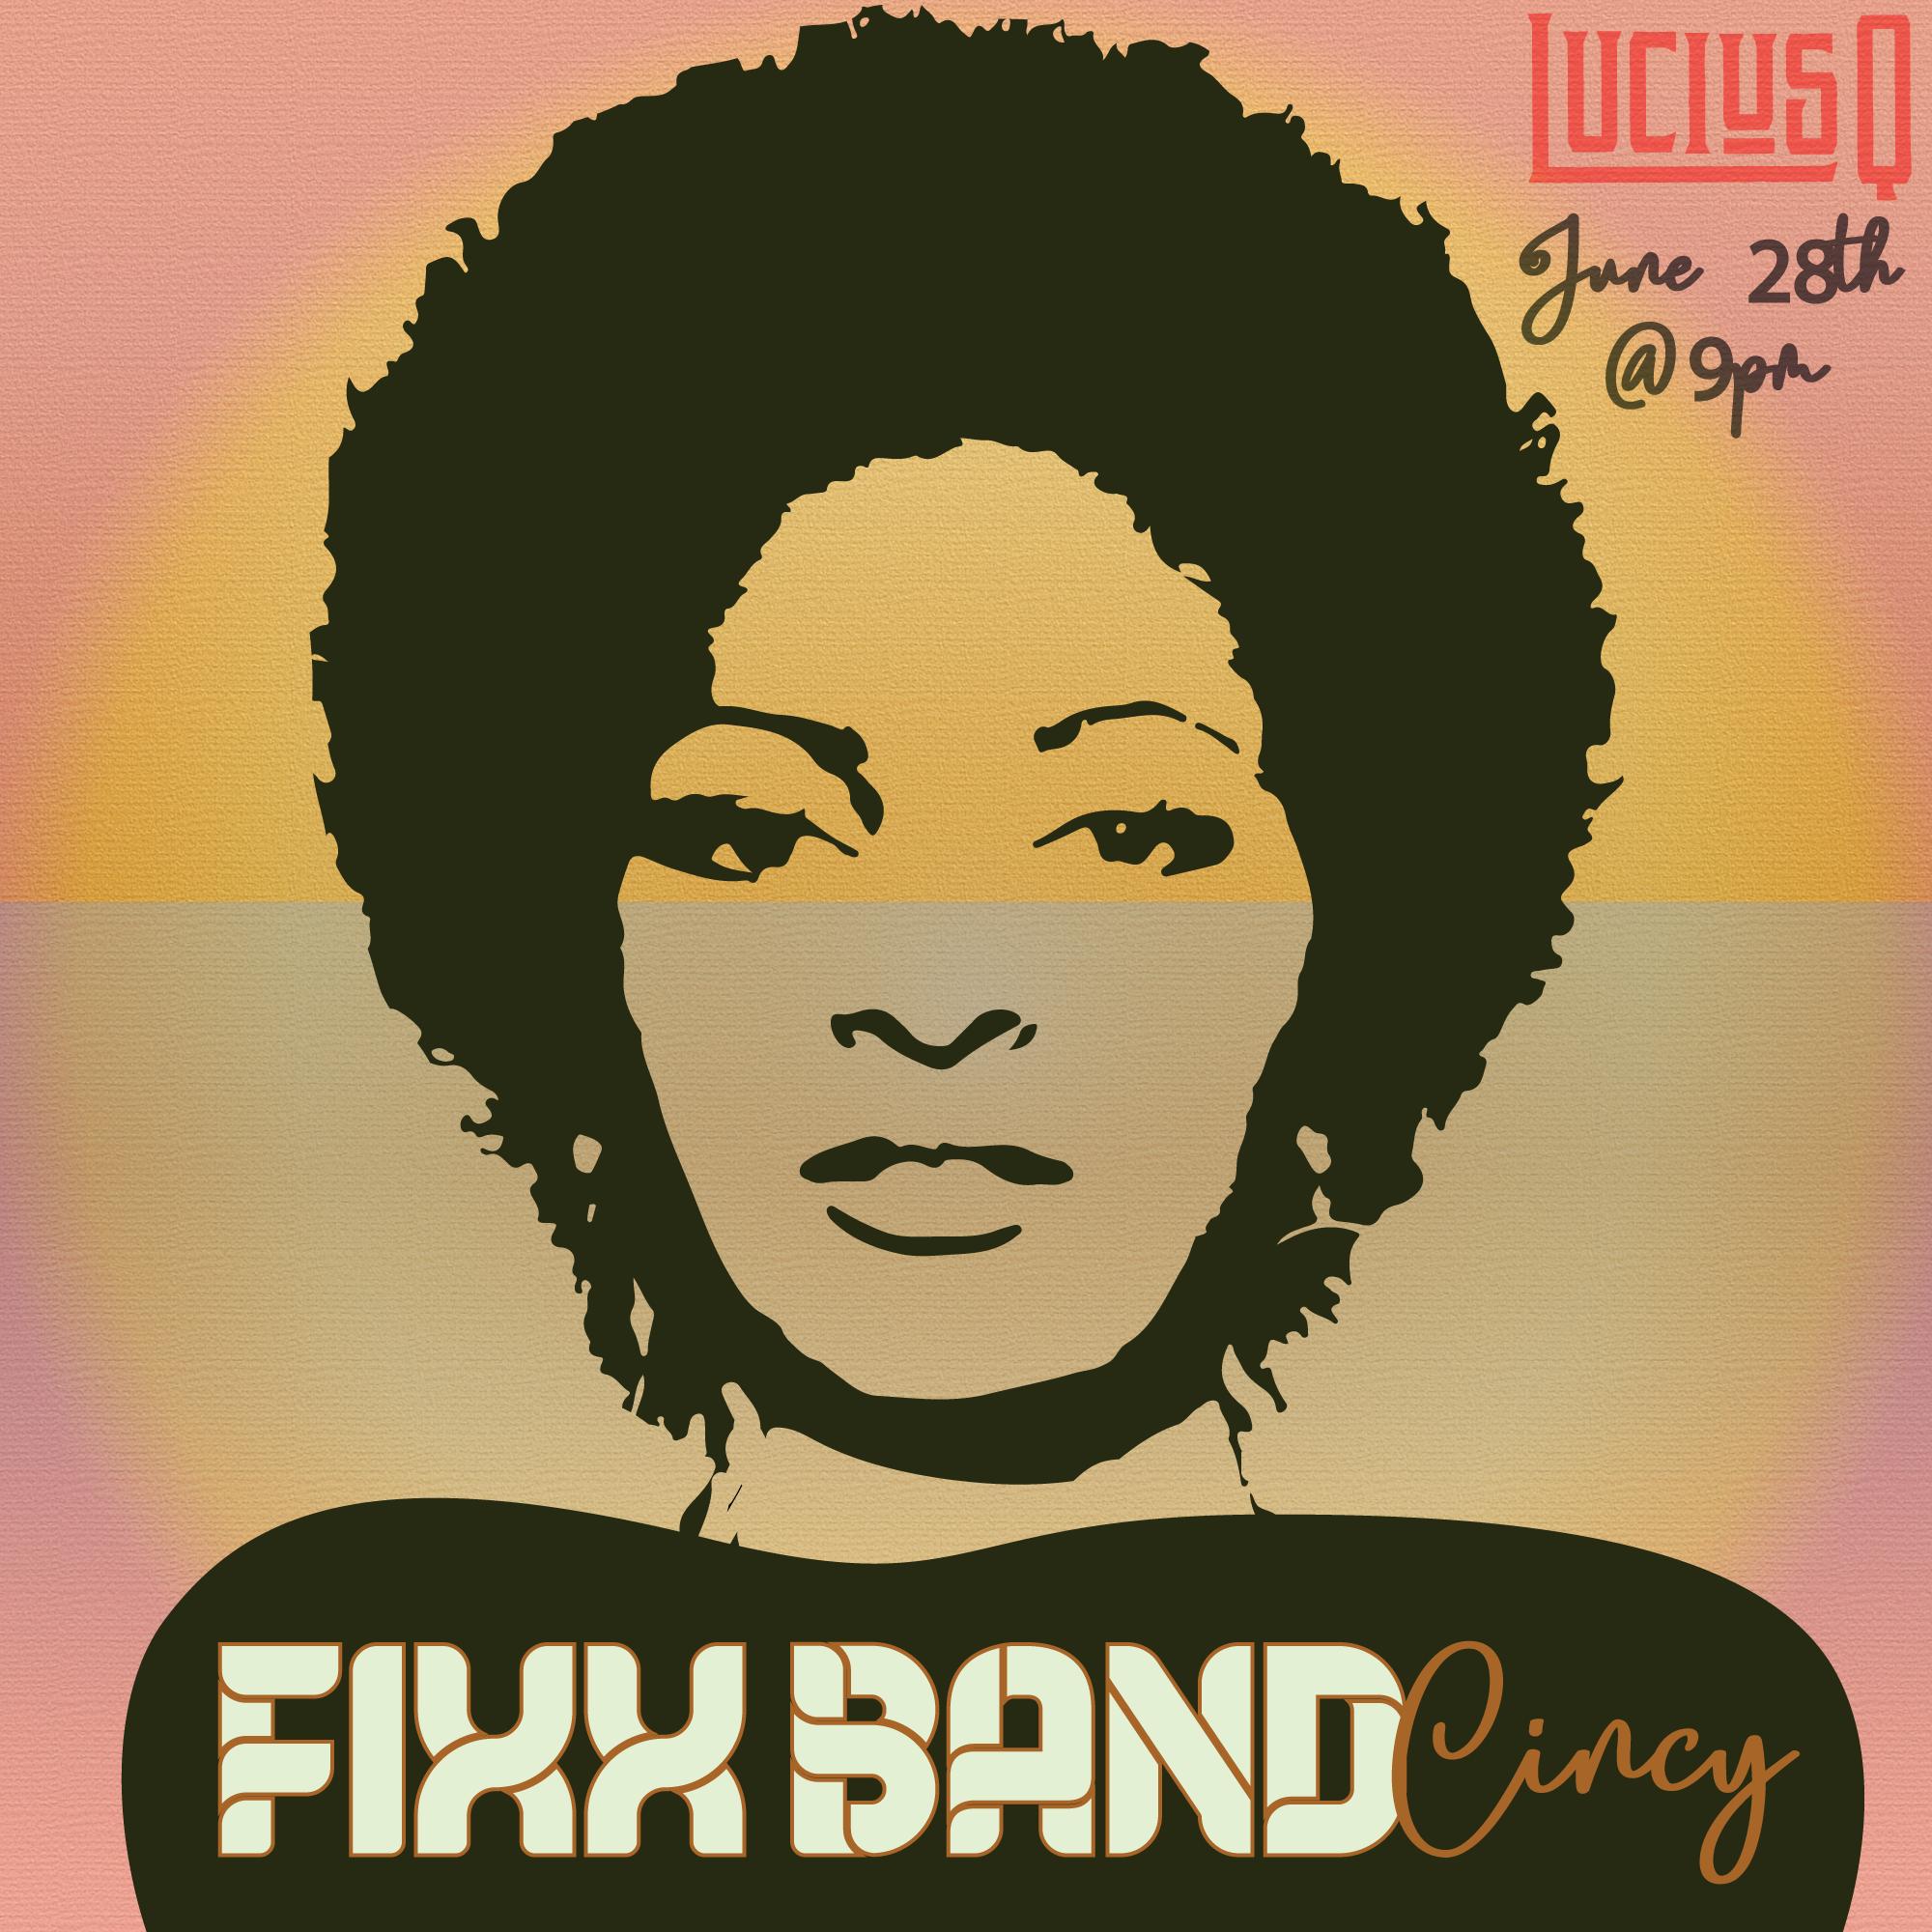 FiR-Creative---LuciusQ---FixxBand-Final.png